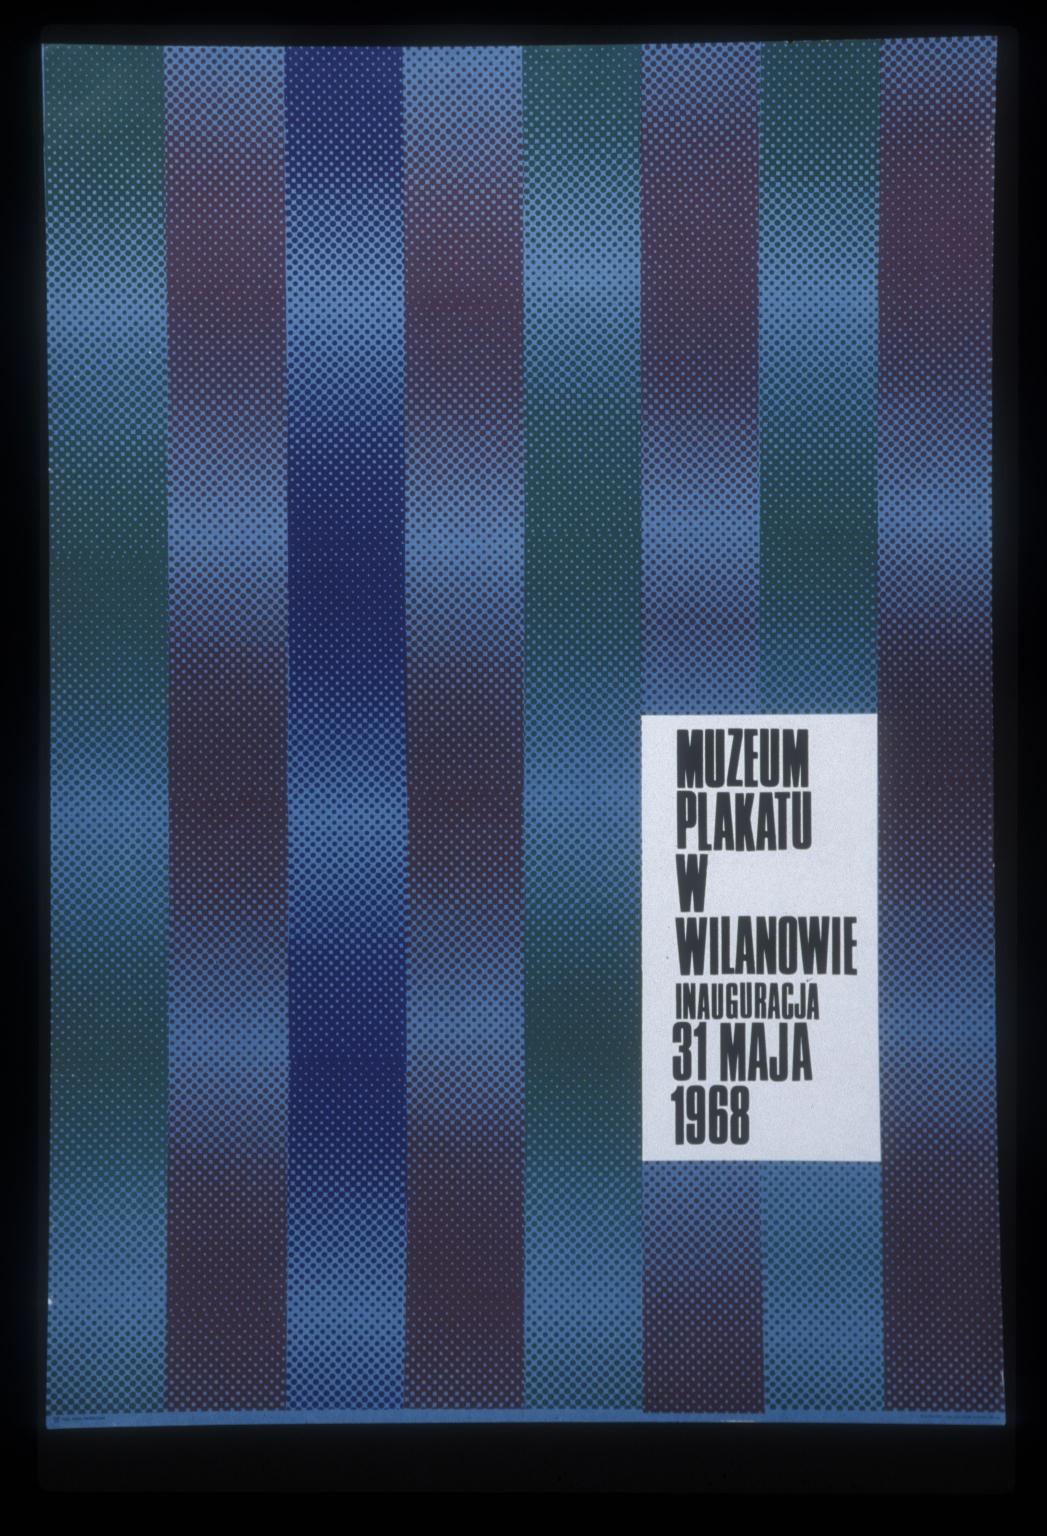 Muzeum Plakatu w Wilanowie inauguracja 31 maja 1968